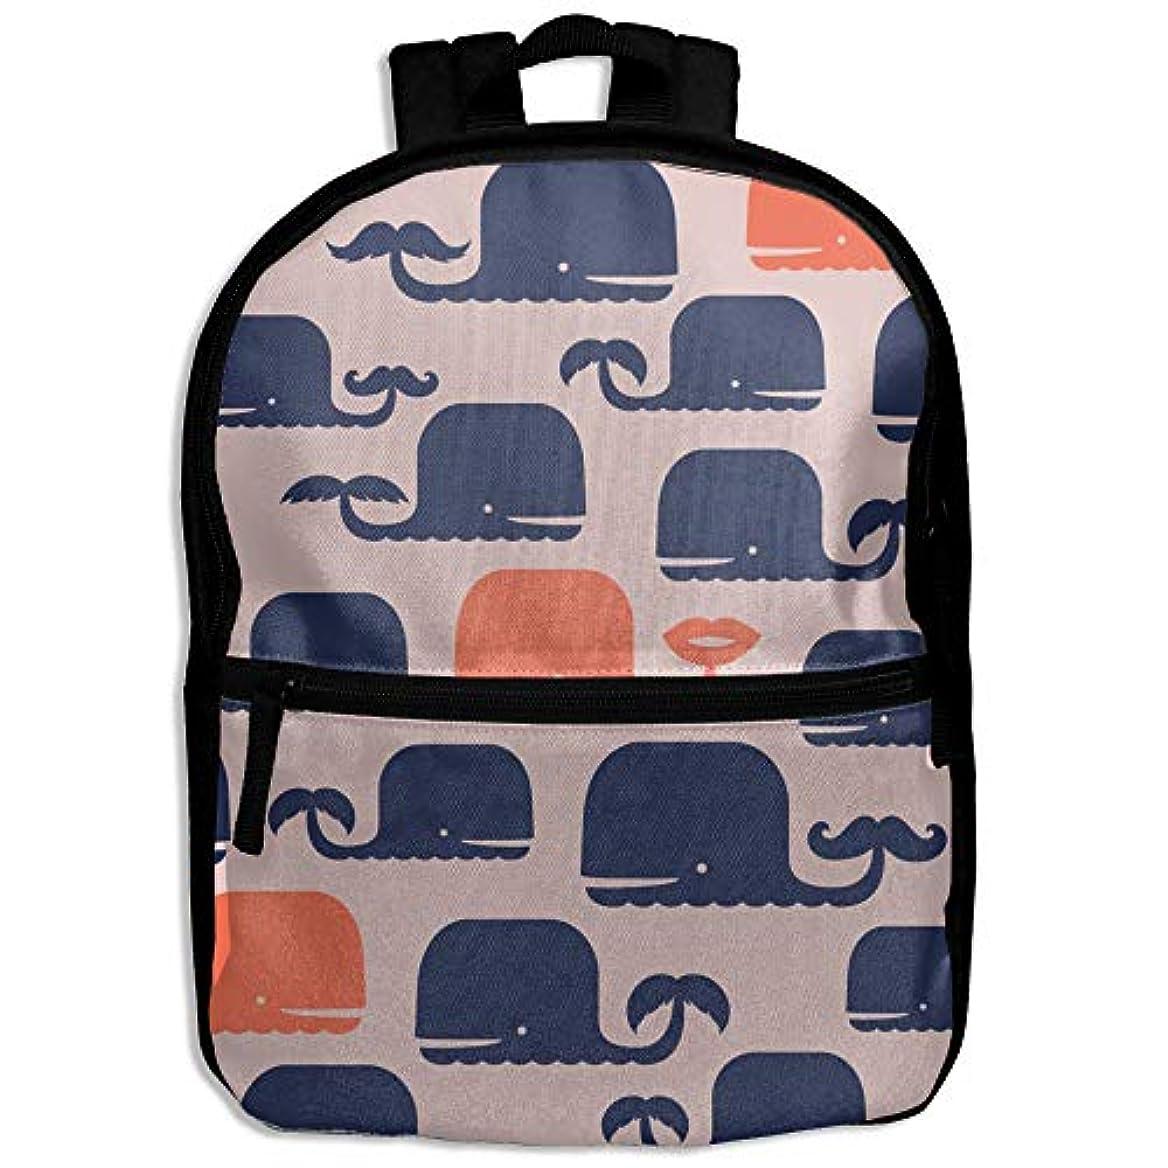 シールド親指出来事キッズバッグ キッズ リュックサック バックパック 子供用のバッグ 学生 リュックサック クジラ かわいい アウトドア 通学 ハイキング 遠足